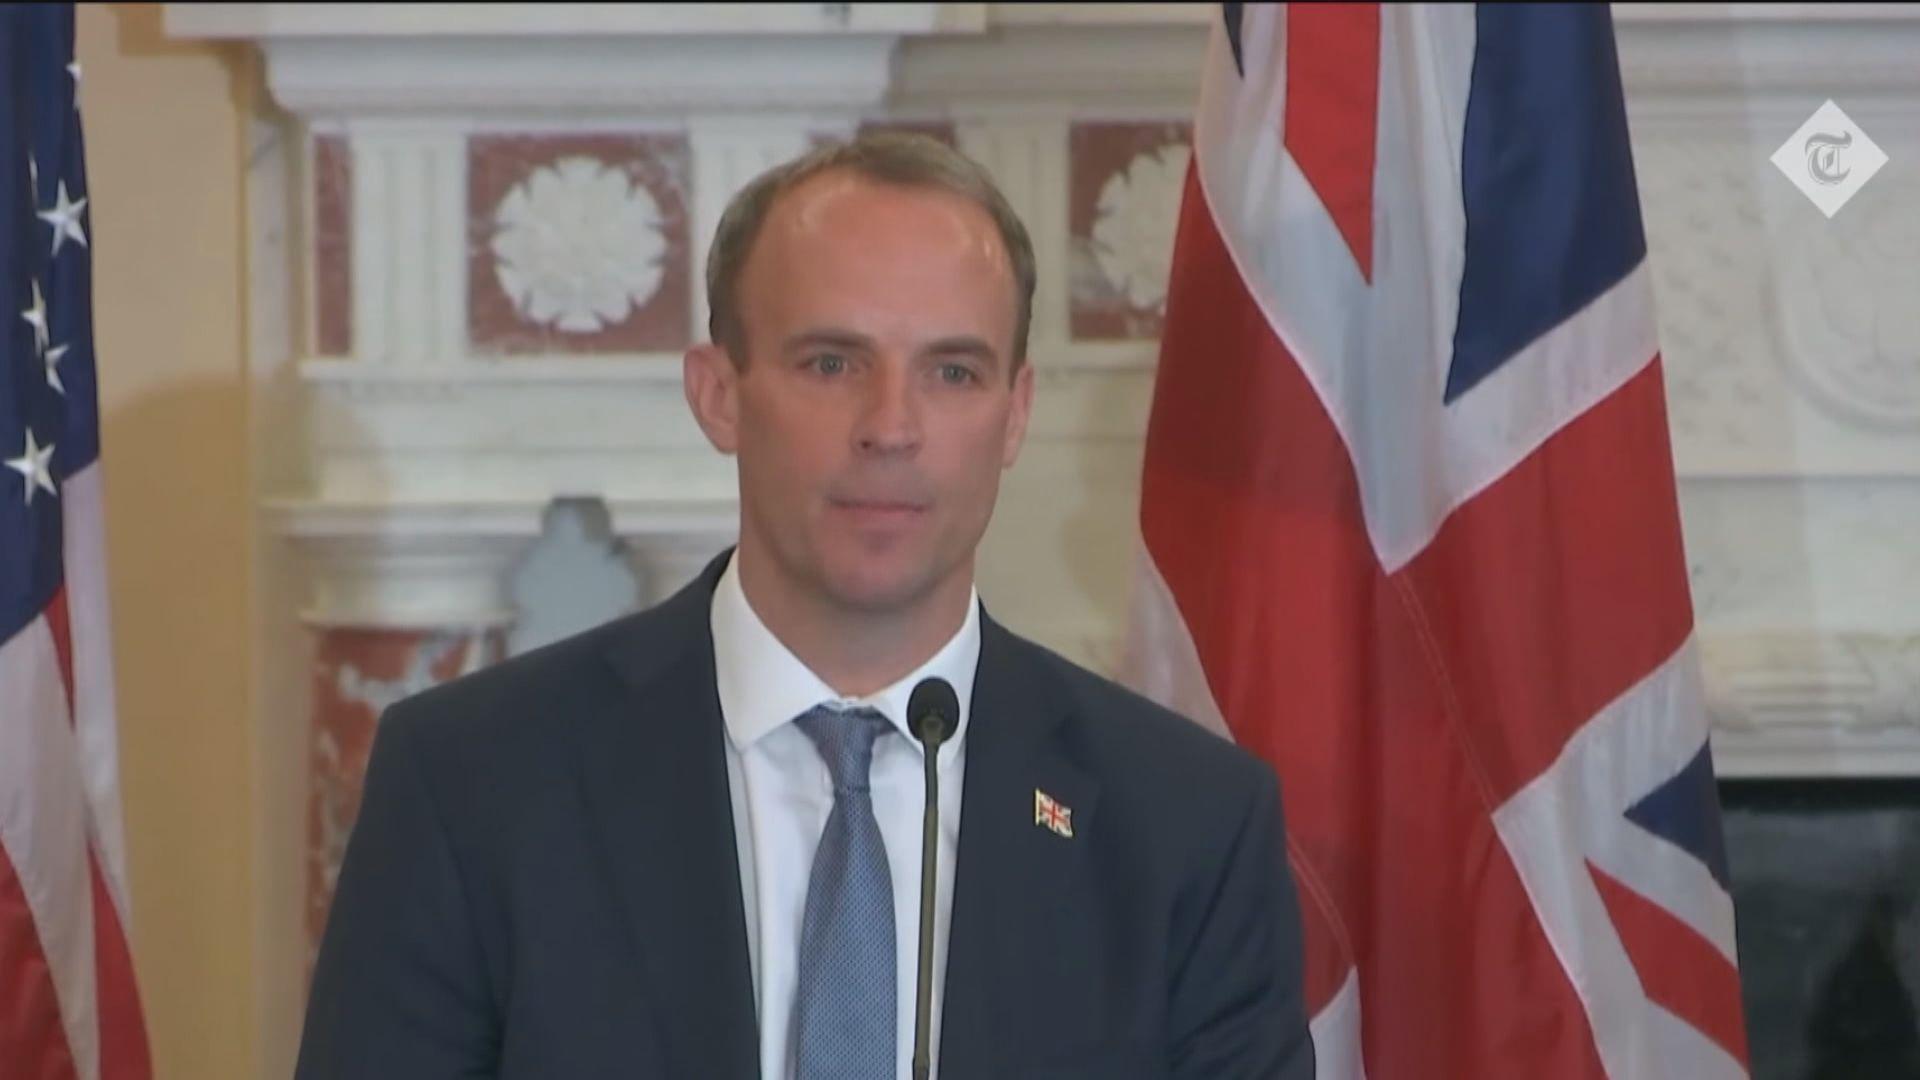 英美外長會面 藍韜文指中國須全面尊重香港自治